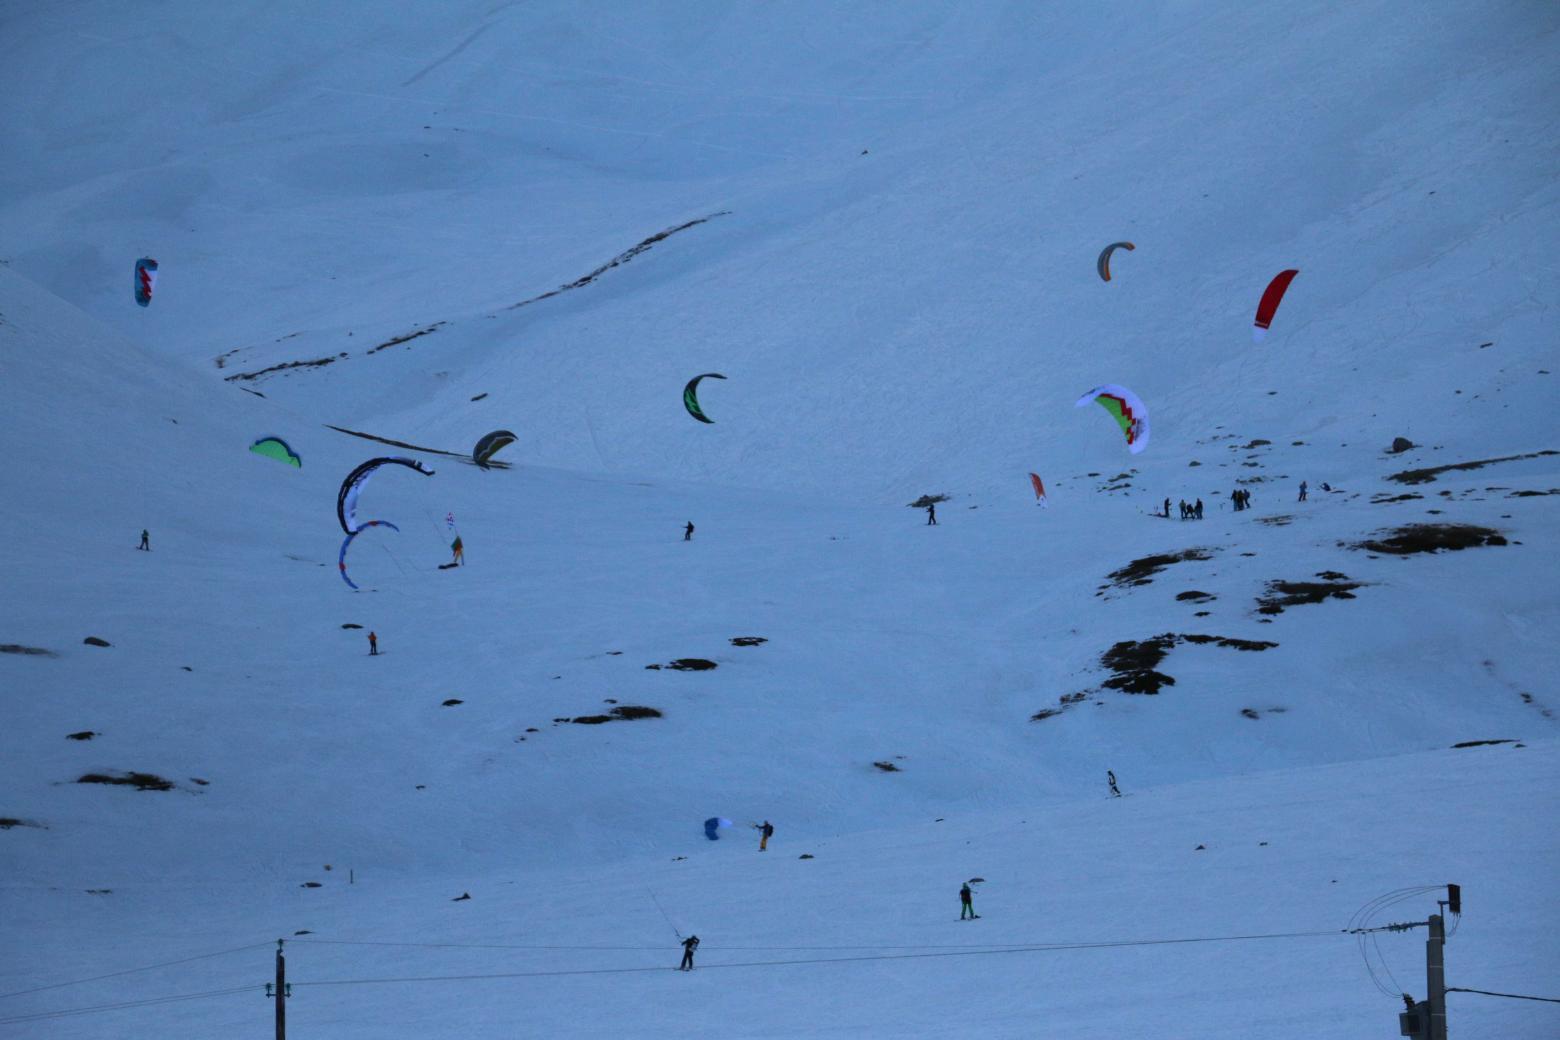 Les kites surfeurs ont pu maintenir leur compétition internationale - Snow Kite Masters